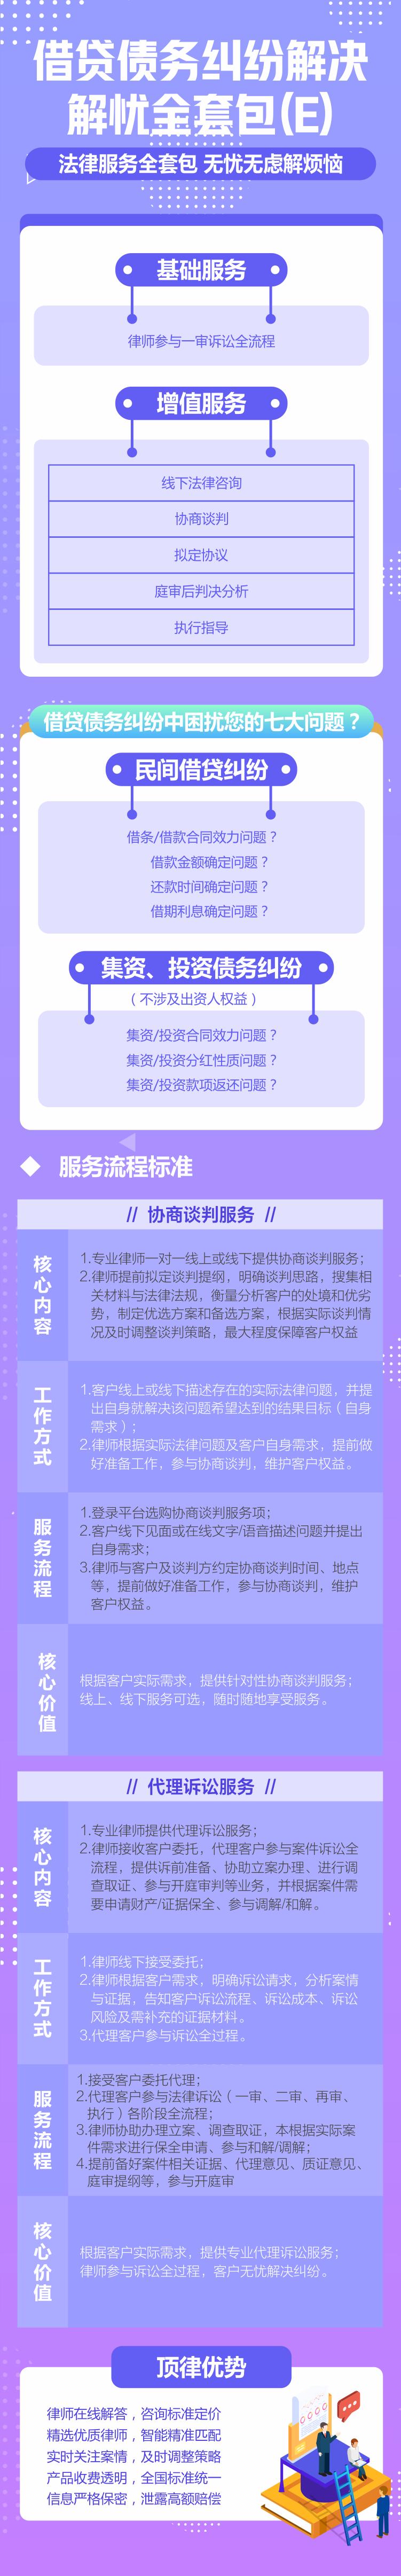 借贷解忧全套包.png